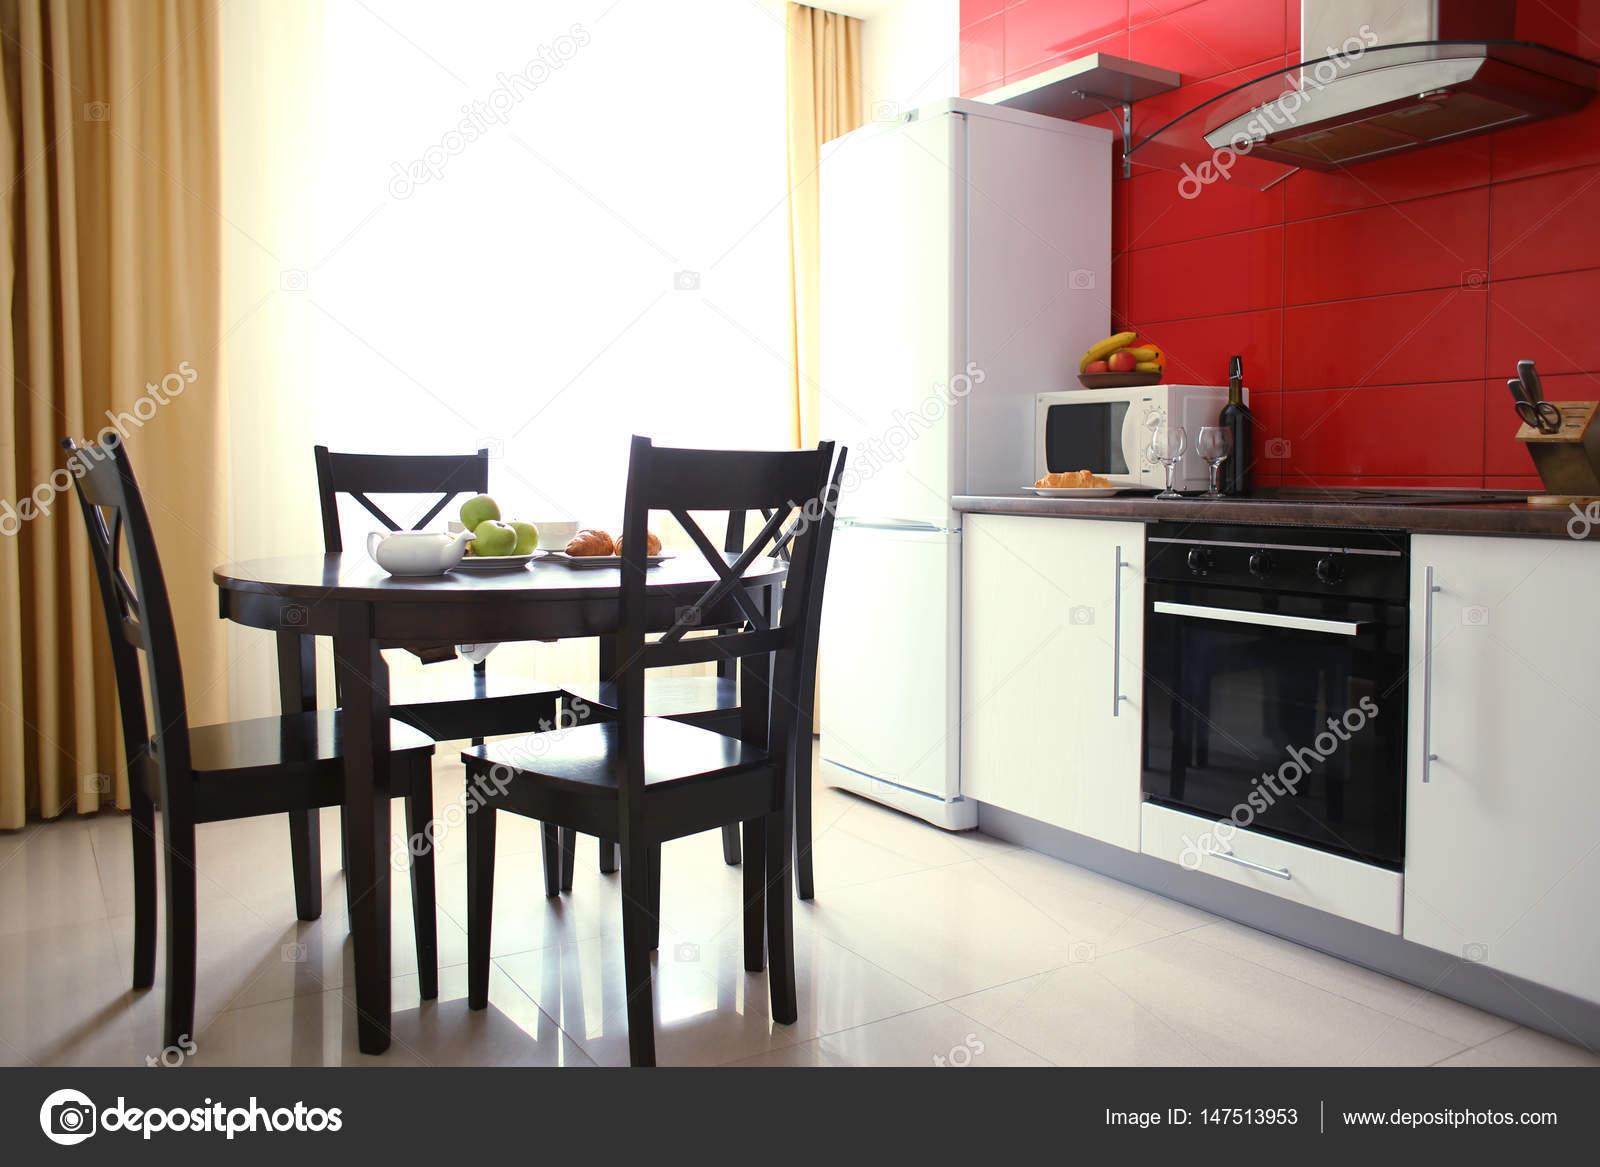 Interni Moderni Cucine : Interni moderni design moderno della cucina in interni luminosi